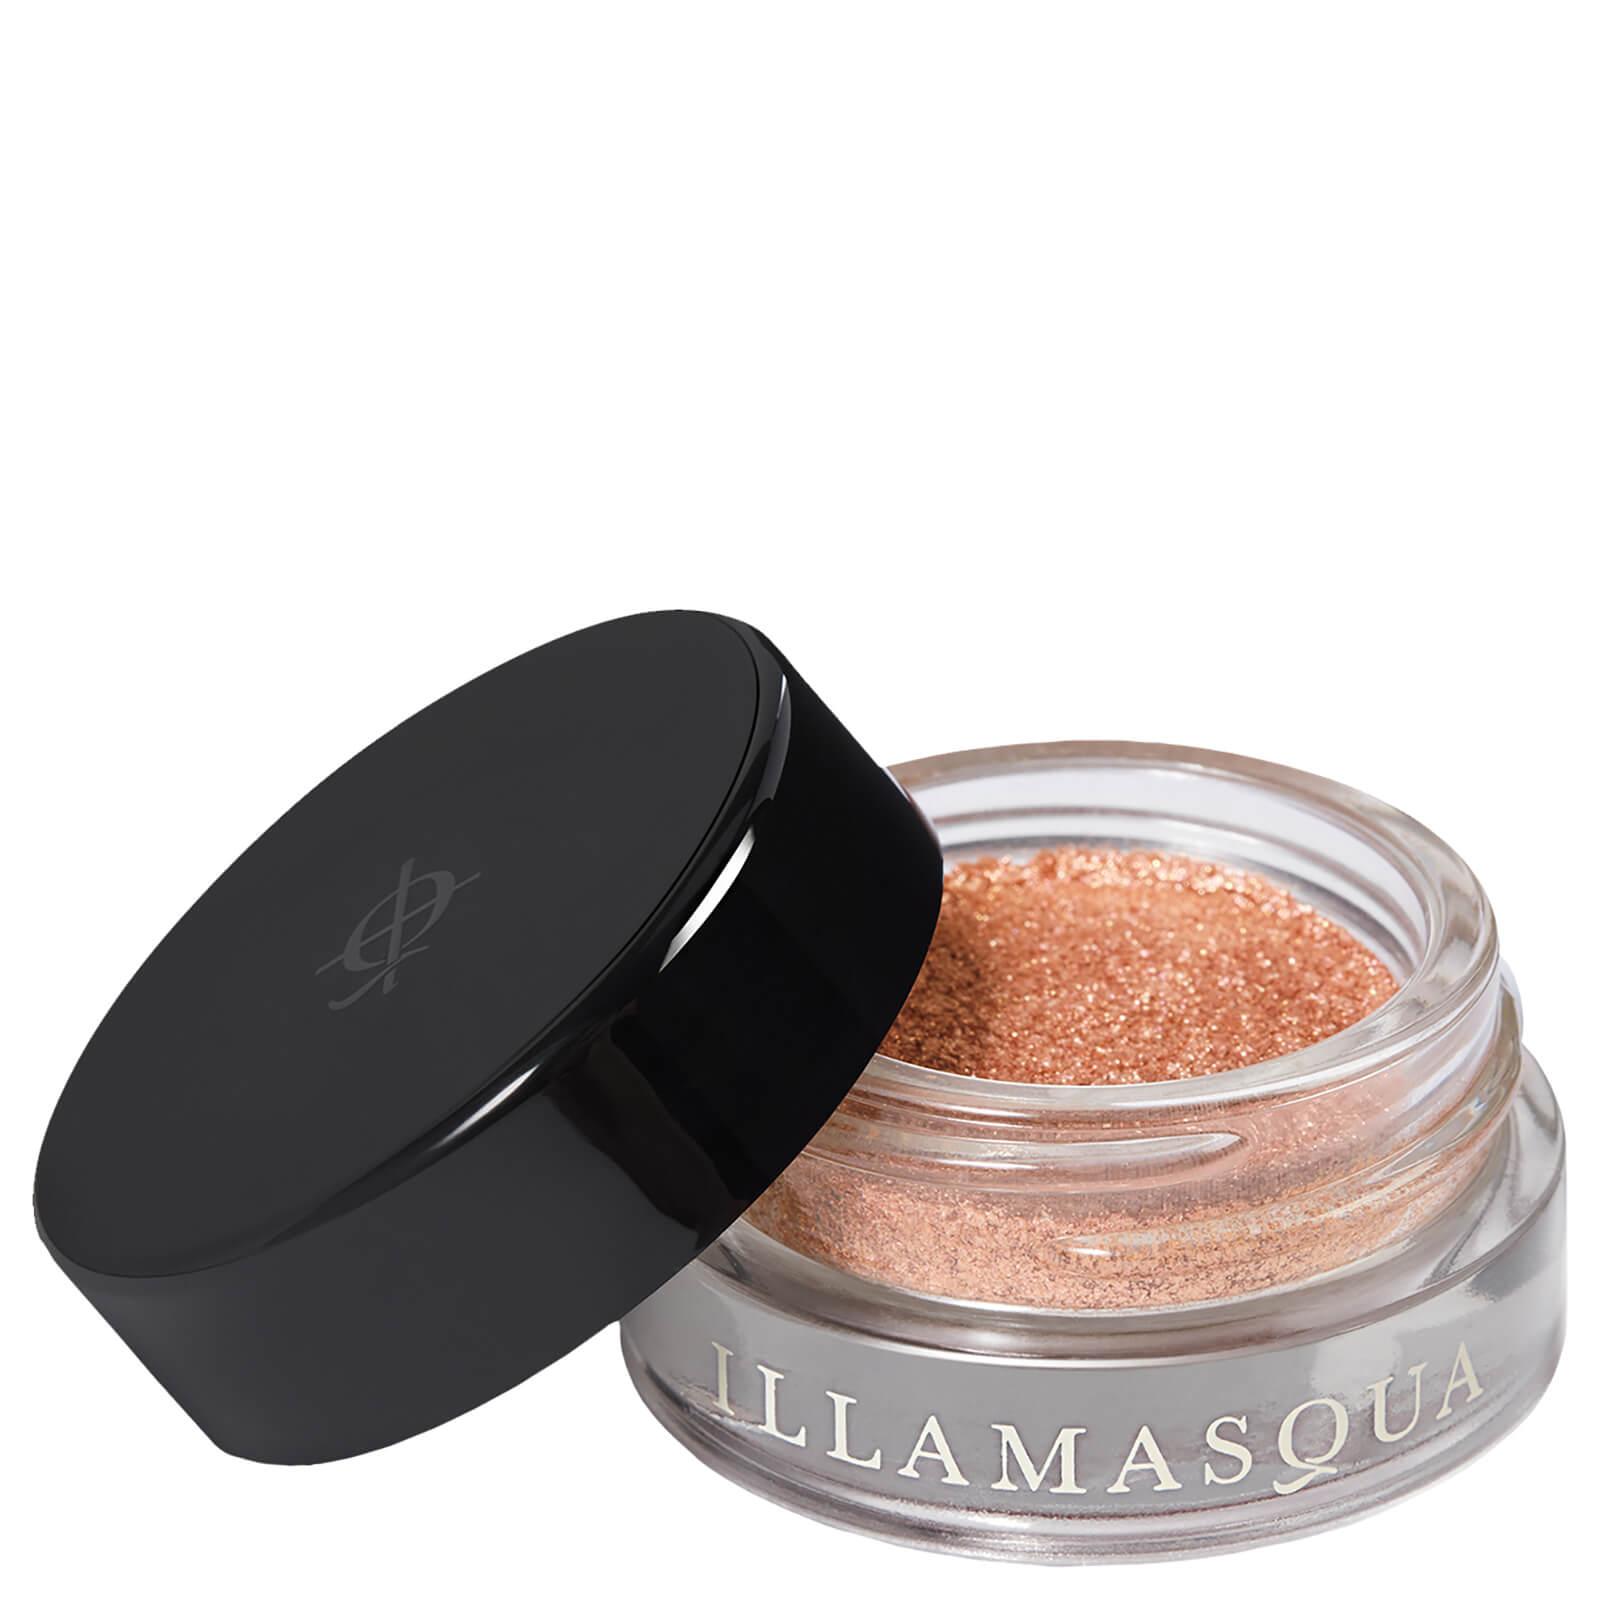 Illamasqua Nude Collection Iconic Chrome Eye Shadow - Mesmerising